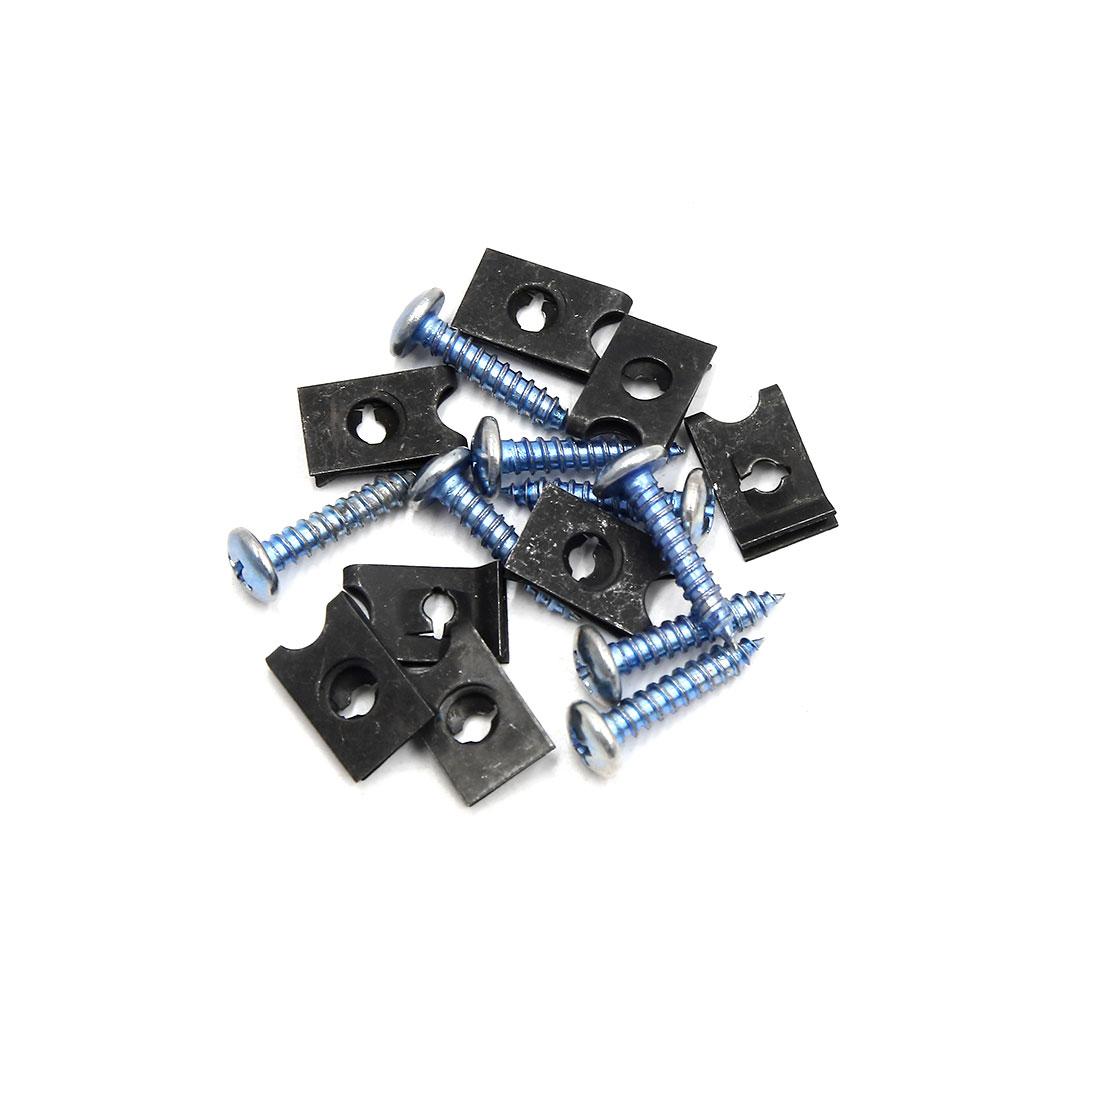 8PCS 4mm Thread Dia License Plate Fairing Bolts Clips Kit for Car w Screws